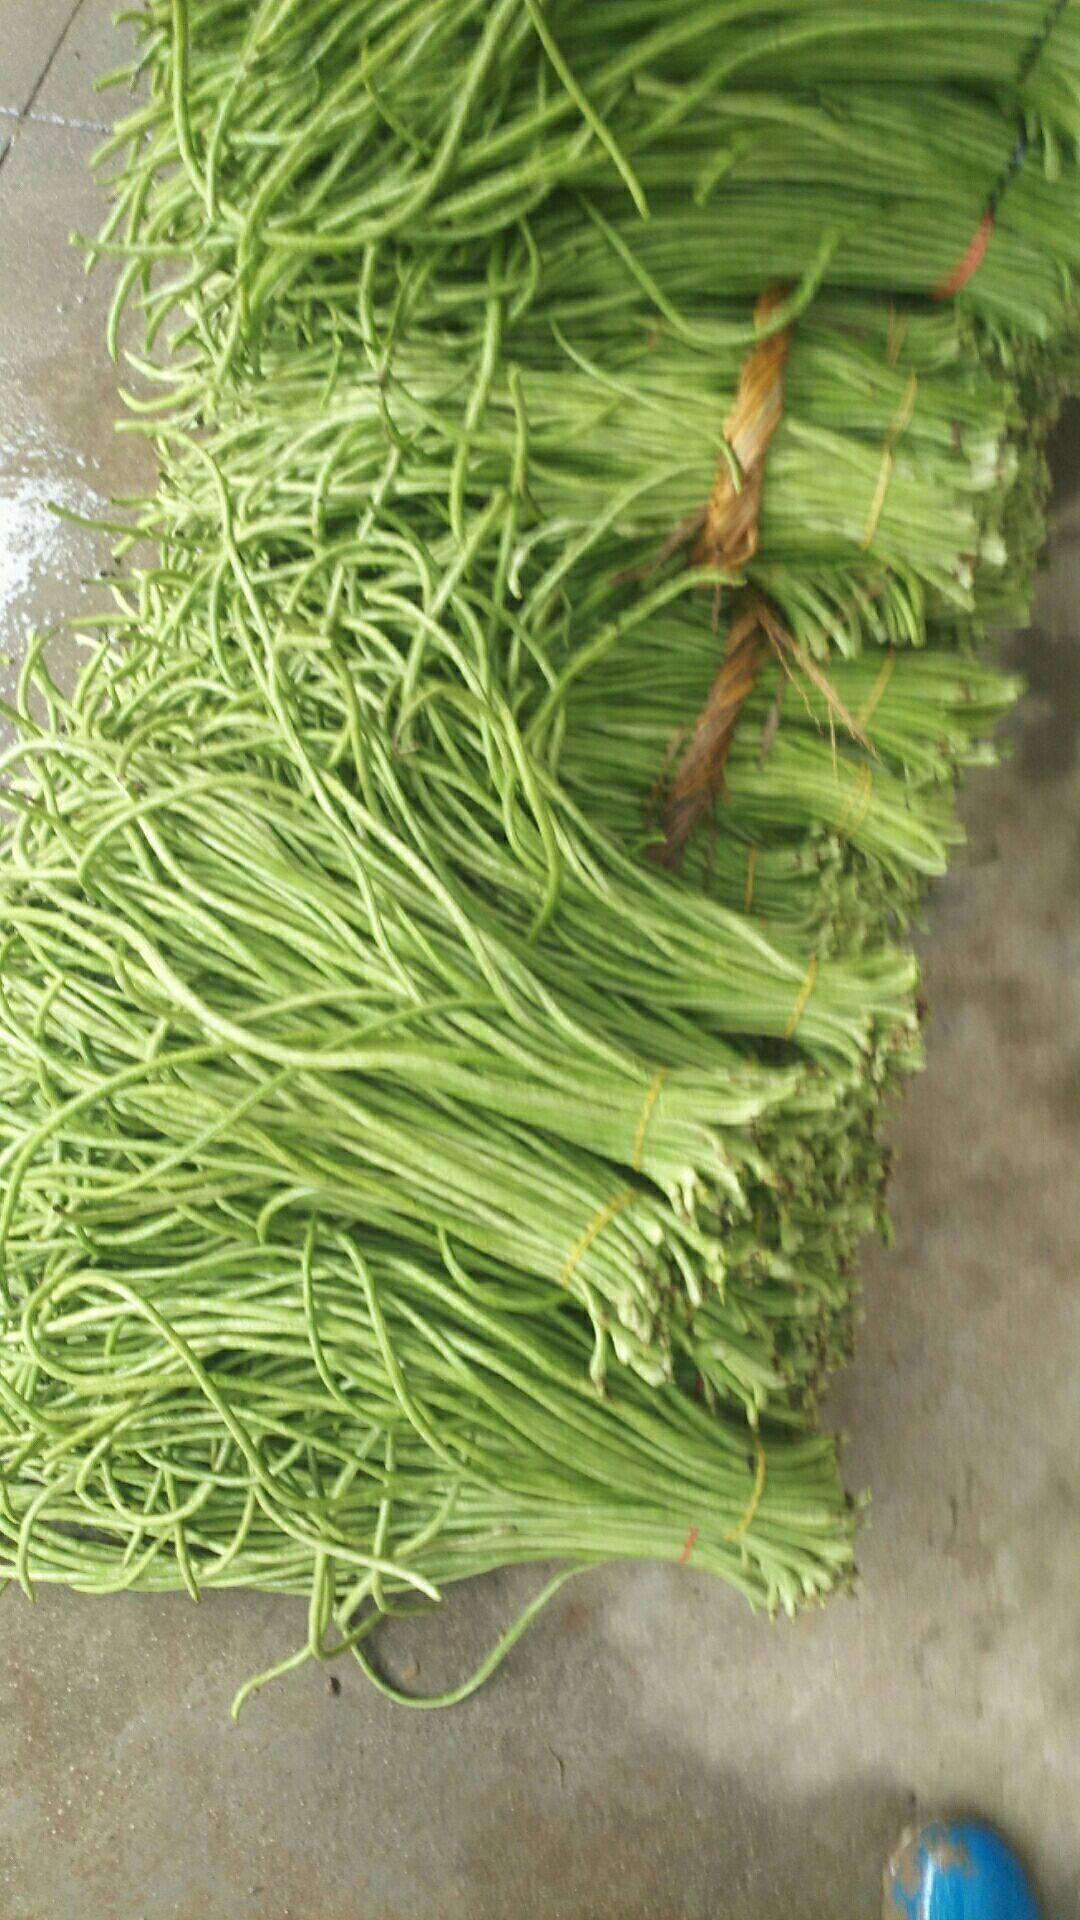 [长豇豆批发]长豇豆 绿色无公害蔬菜,条长条直,一等货价格1.25元/斤